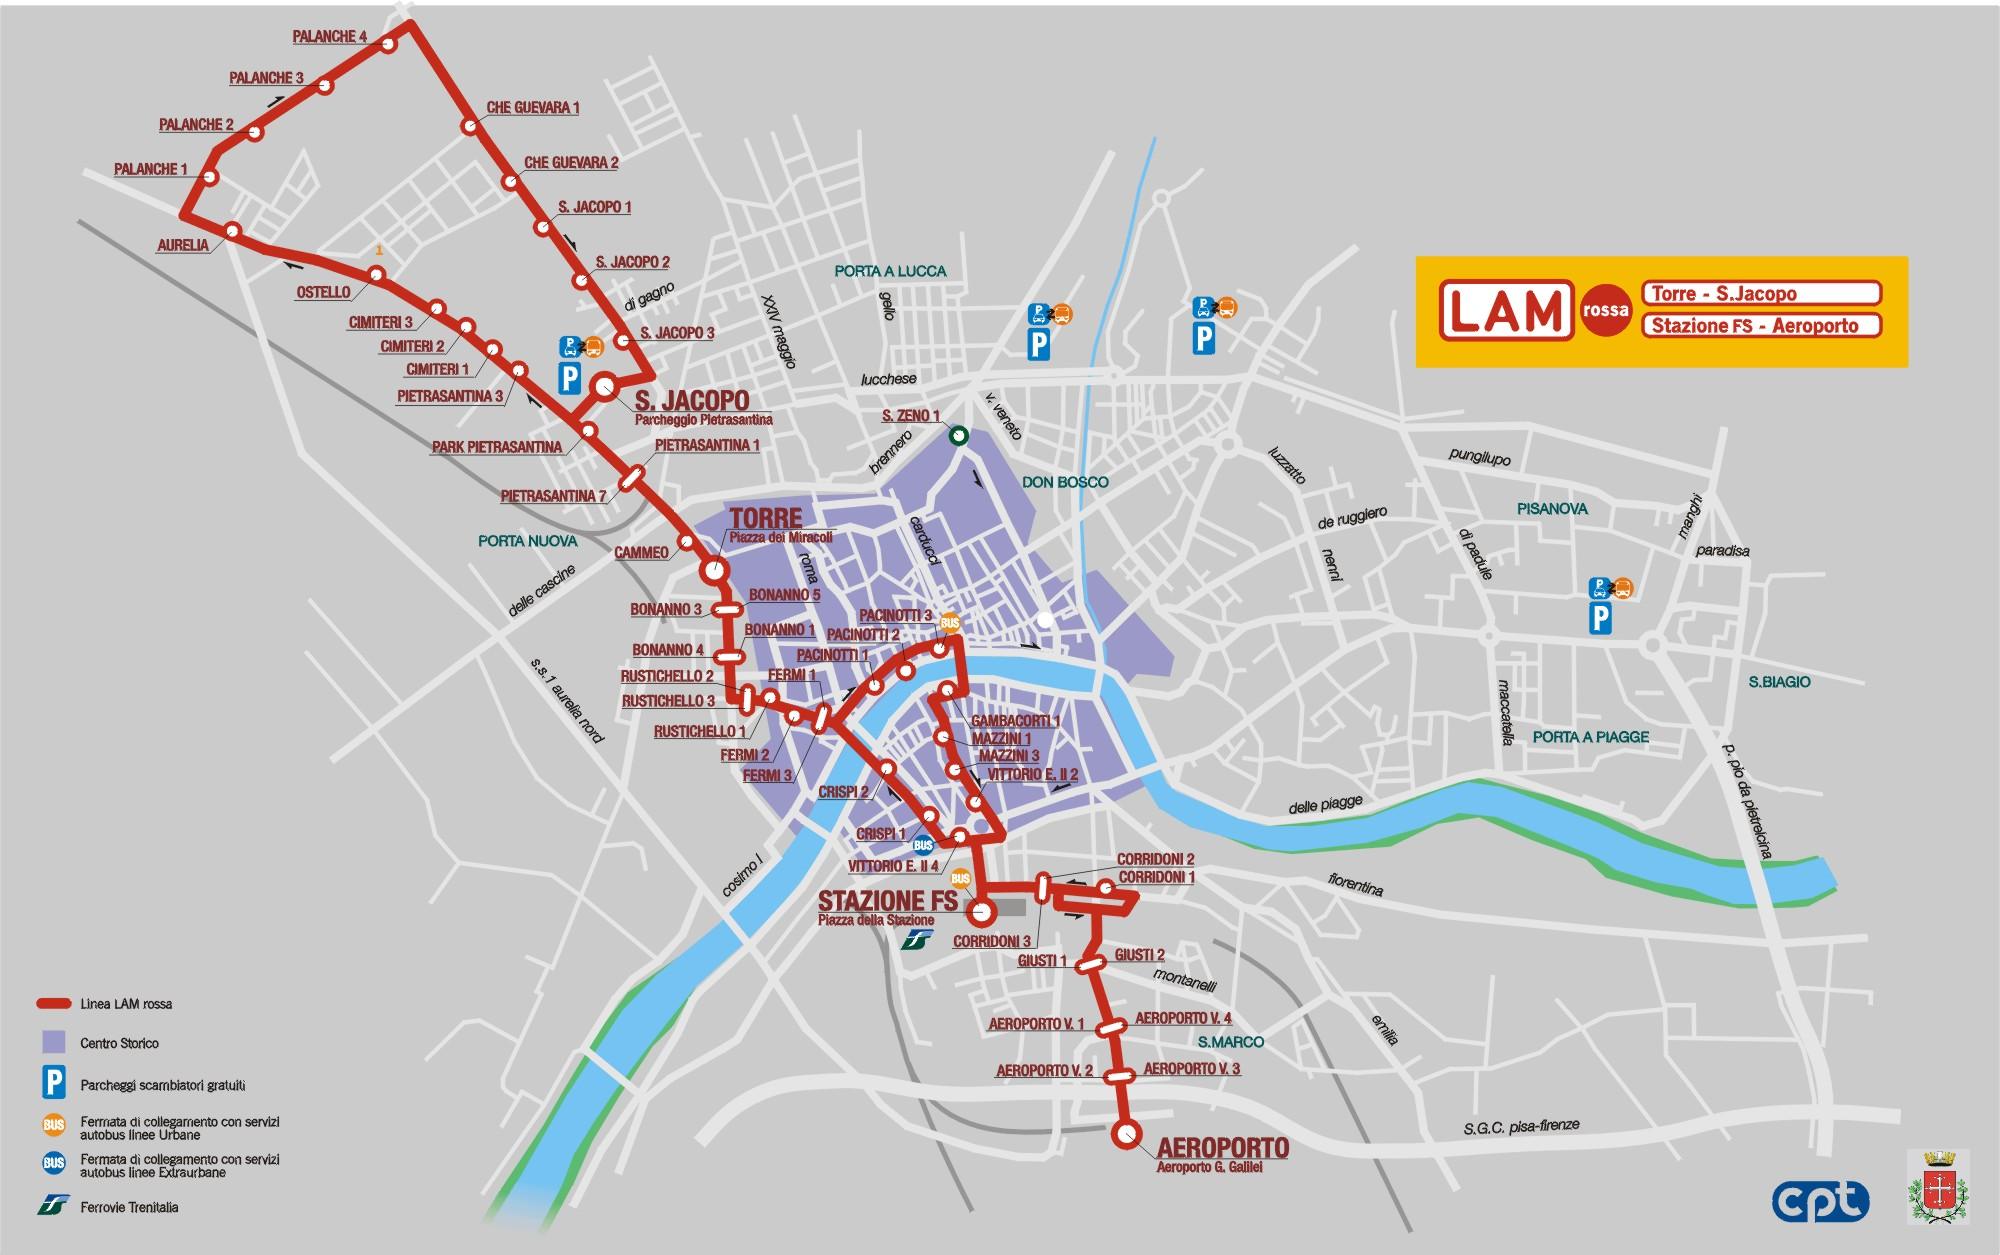 VenueMobiOpp - Pisa bus map